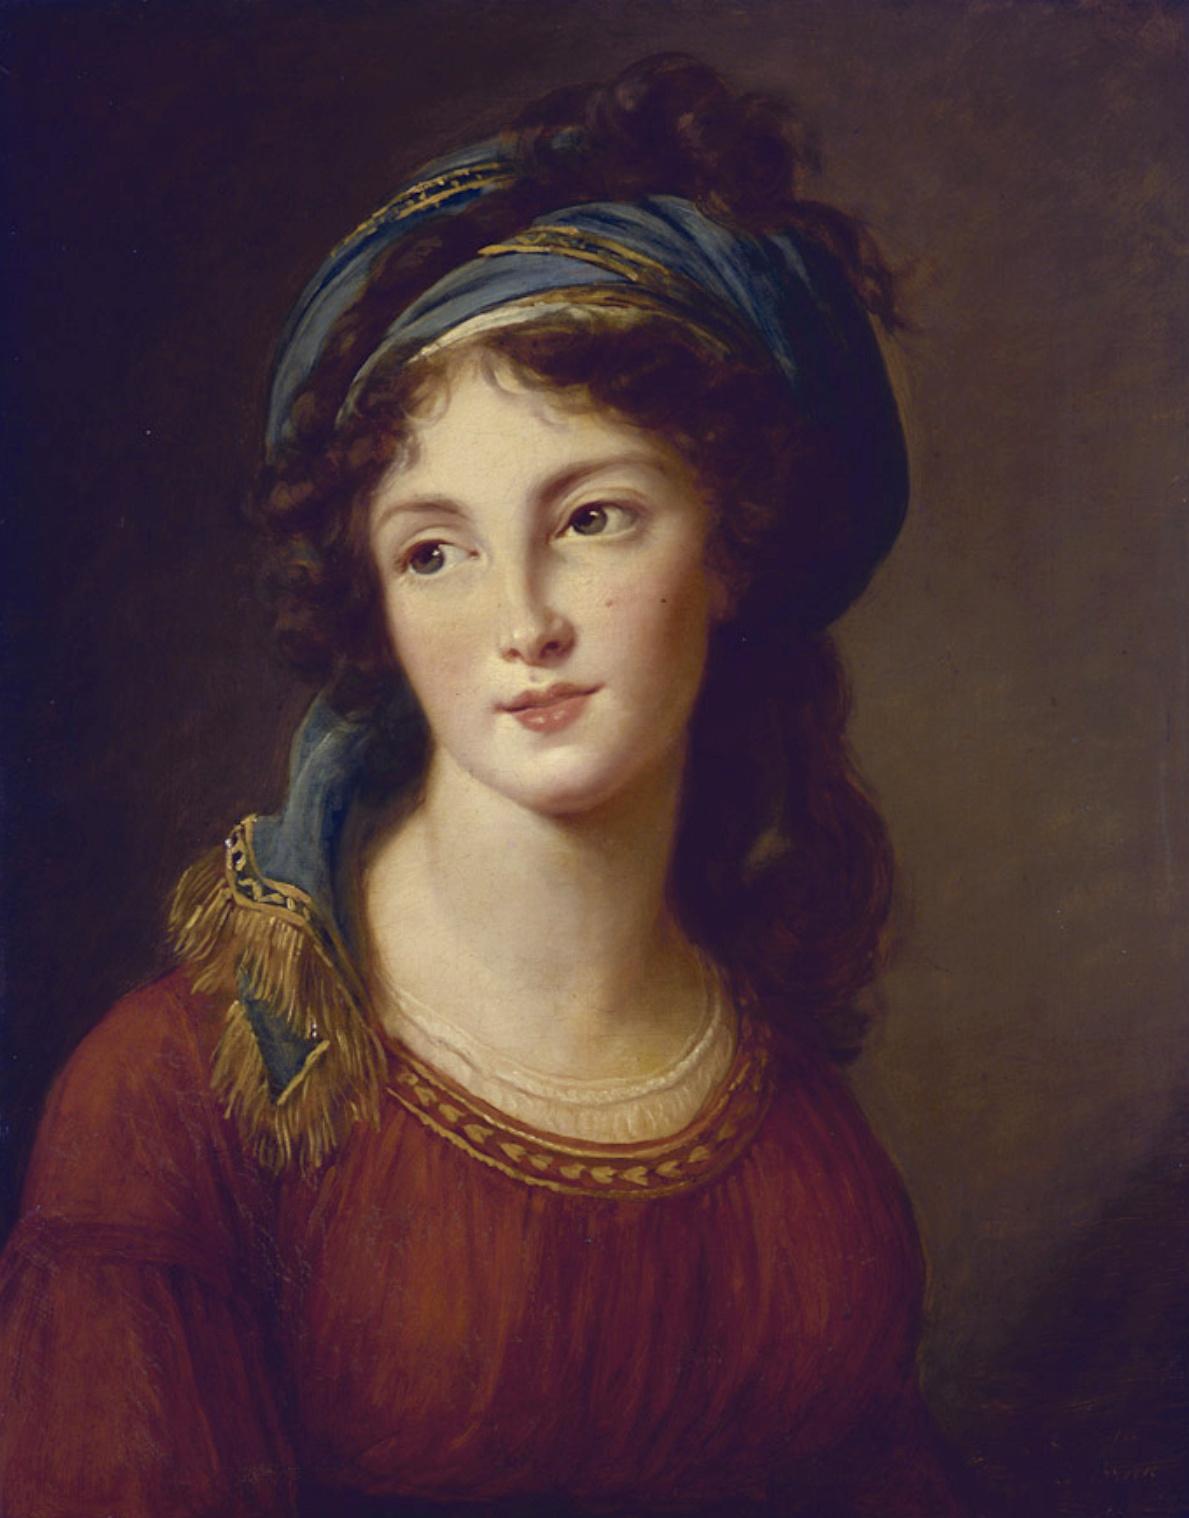 Aglaé de Polignac duchesse de Guiche - Page 2 Captu816